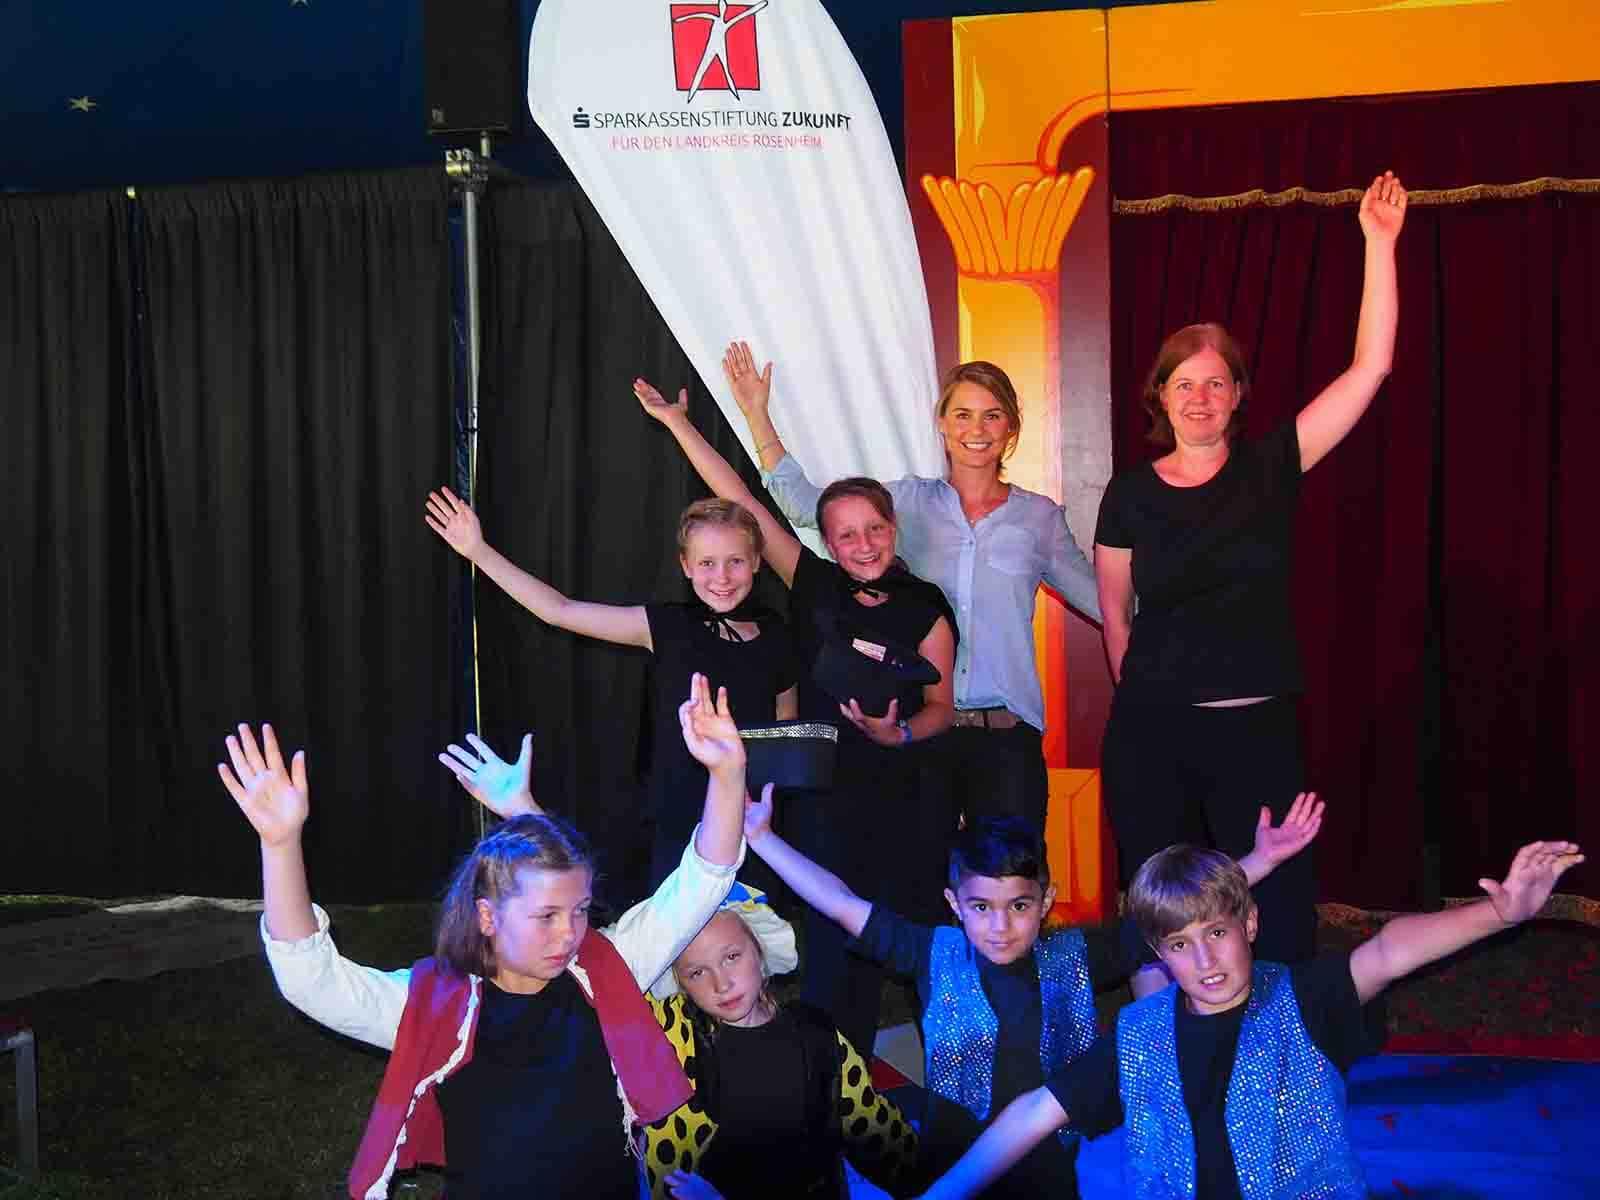 Alexa Hubert, geschäftsführendes Vorstandsmitglied der Sparkassenstiftungen Zukunft (2.v.re.), und Marion Schmöller, Erlternbeiratsvorsitzende der Grundschule Flintsbach (re.), gemeinsam mit einigen der jungen Flintsbacher Artisten.